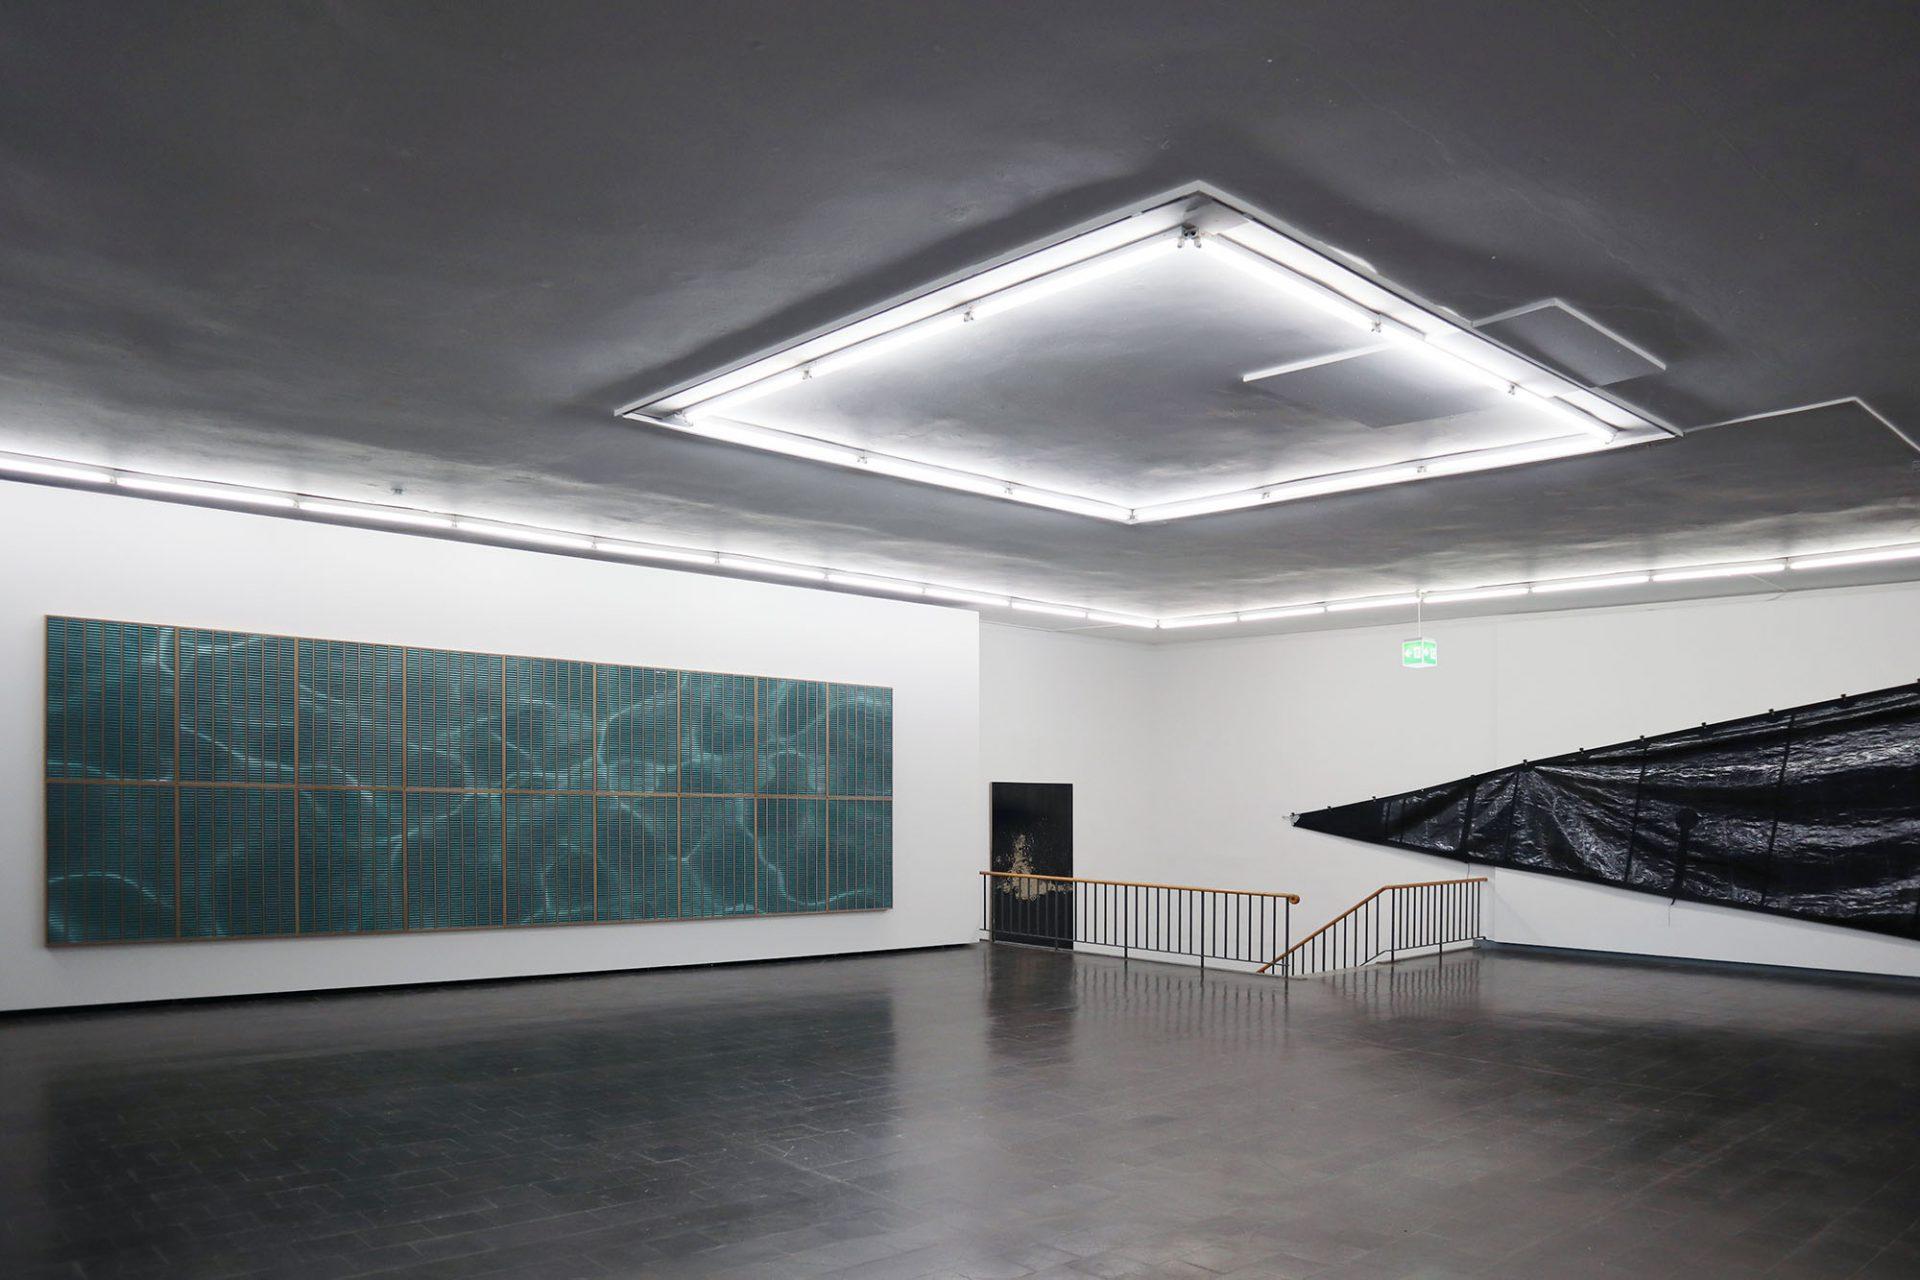 Kunsthalle Recklinghausen. Feja + Kemper verantwortete die Erweiterungen der Kunsthalle.